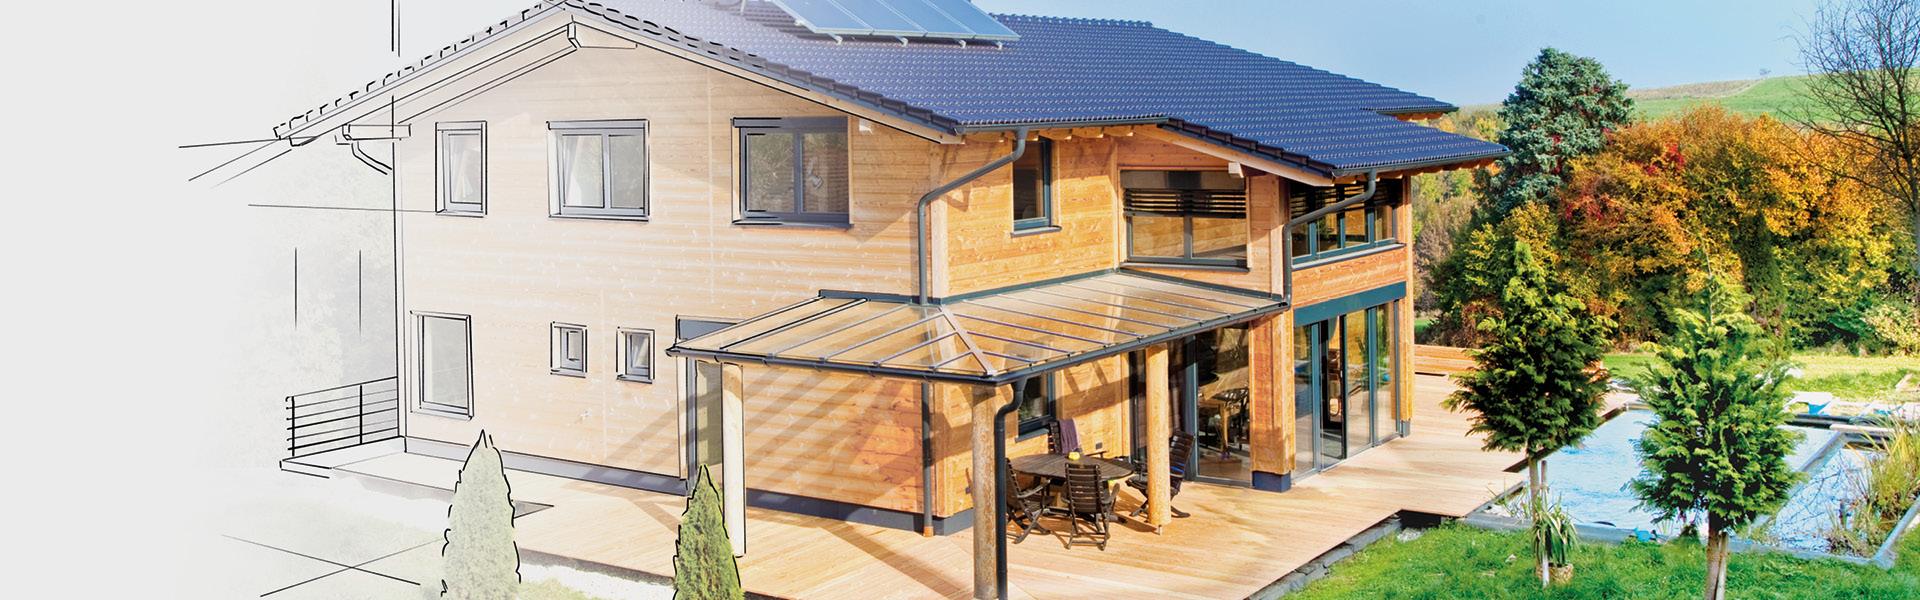 Ein Foto eines Massivholzhauses, das teilweise gezeichnet ist.